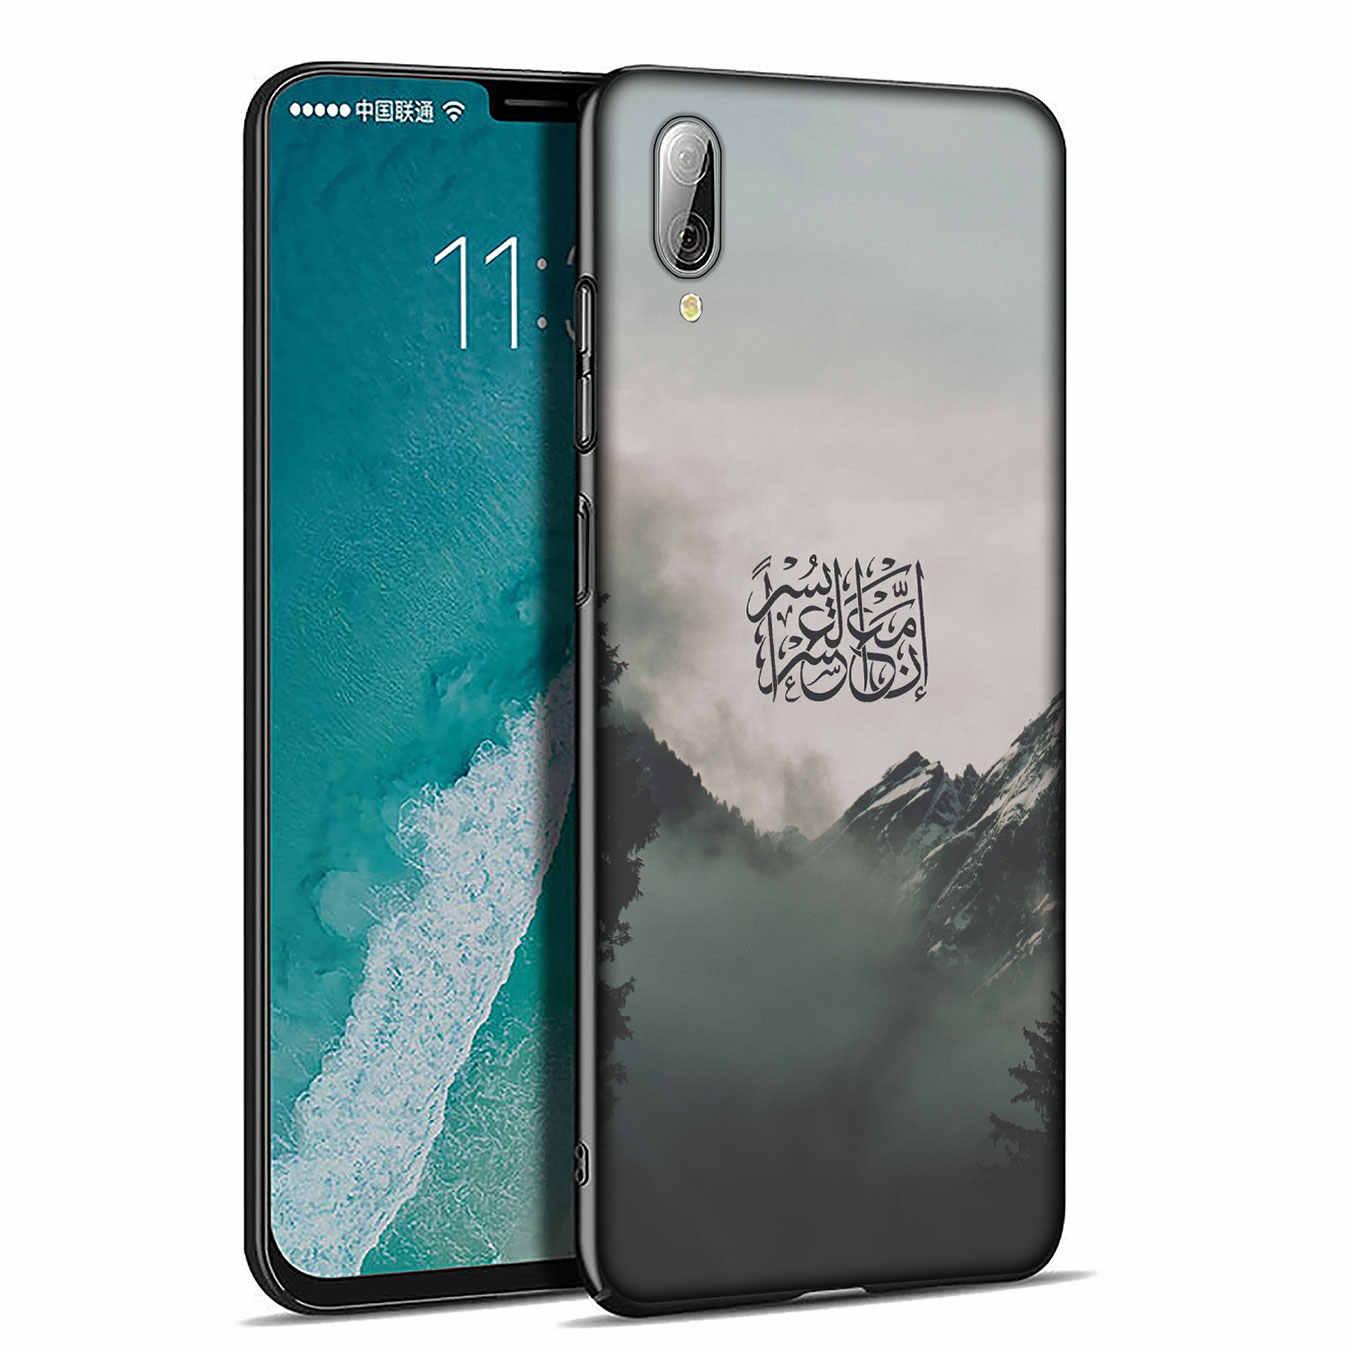 ערבית קוראן אסלאמי מוסלמי רך סיליקון טלפון מקרה עבור Xiaomi Redmi K20 ללכת 8A 7A 6A 5A 4A 4X הערה 8 7 6 פרו 5 בתוספת כיסוי